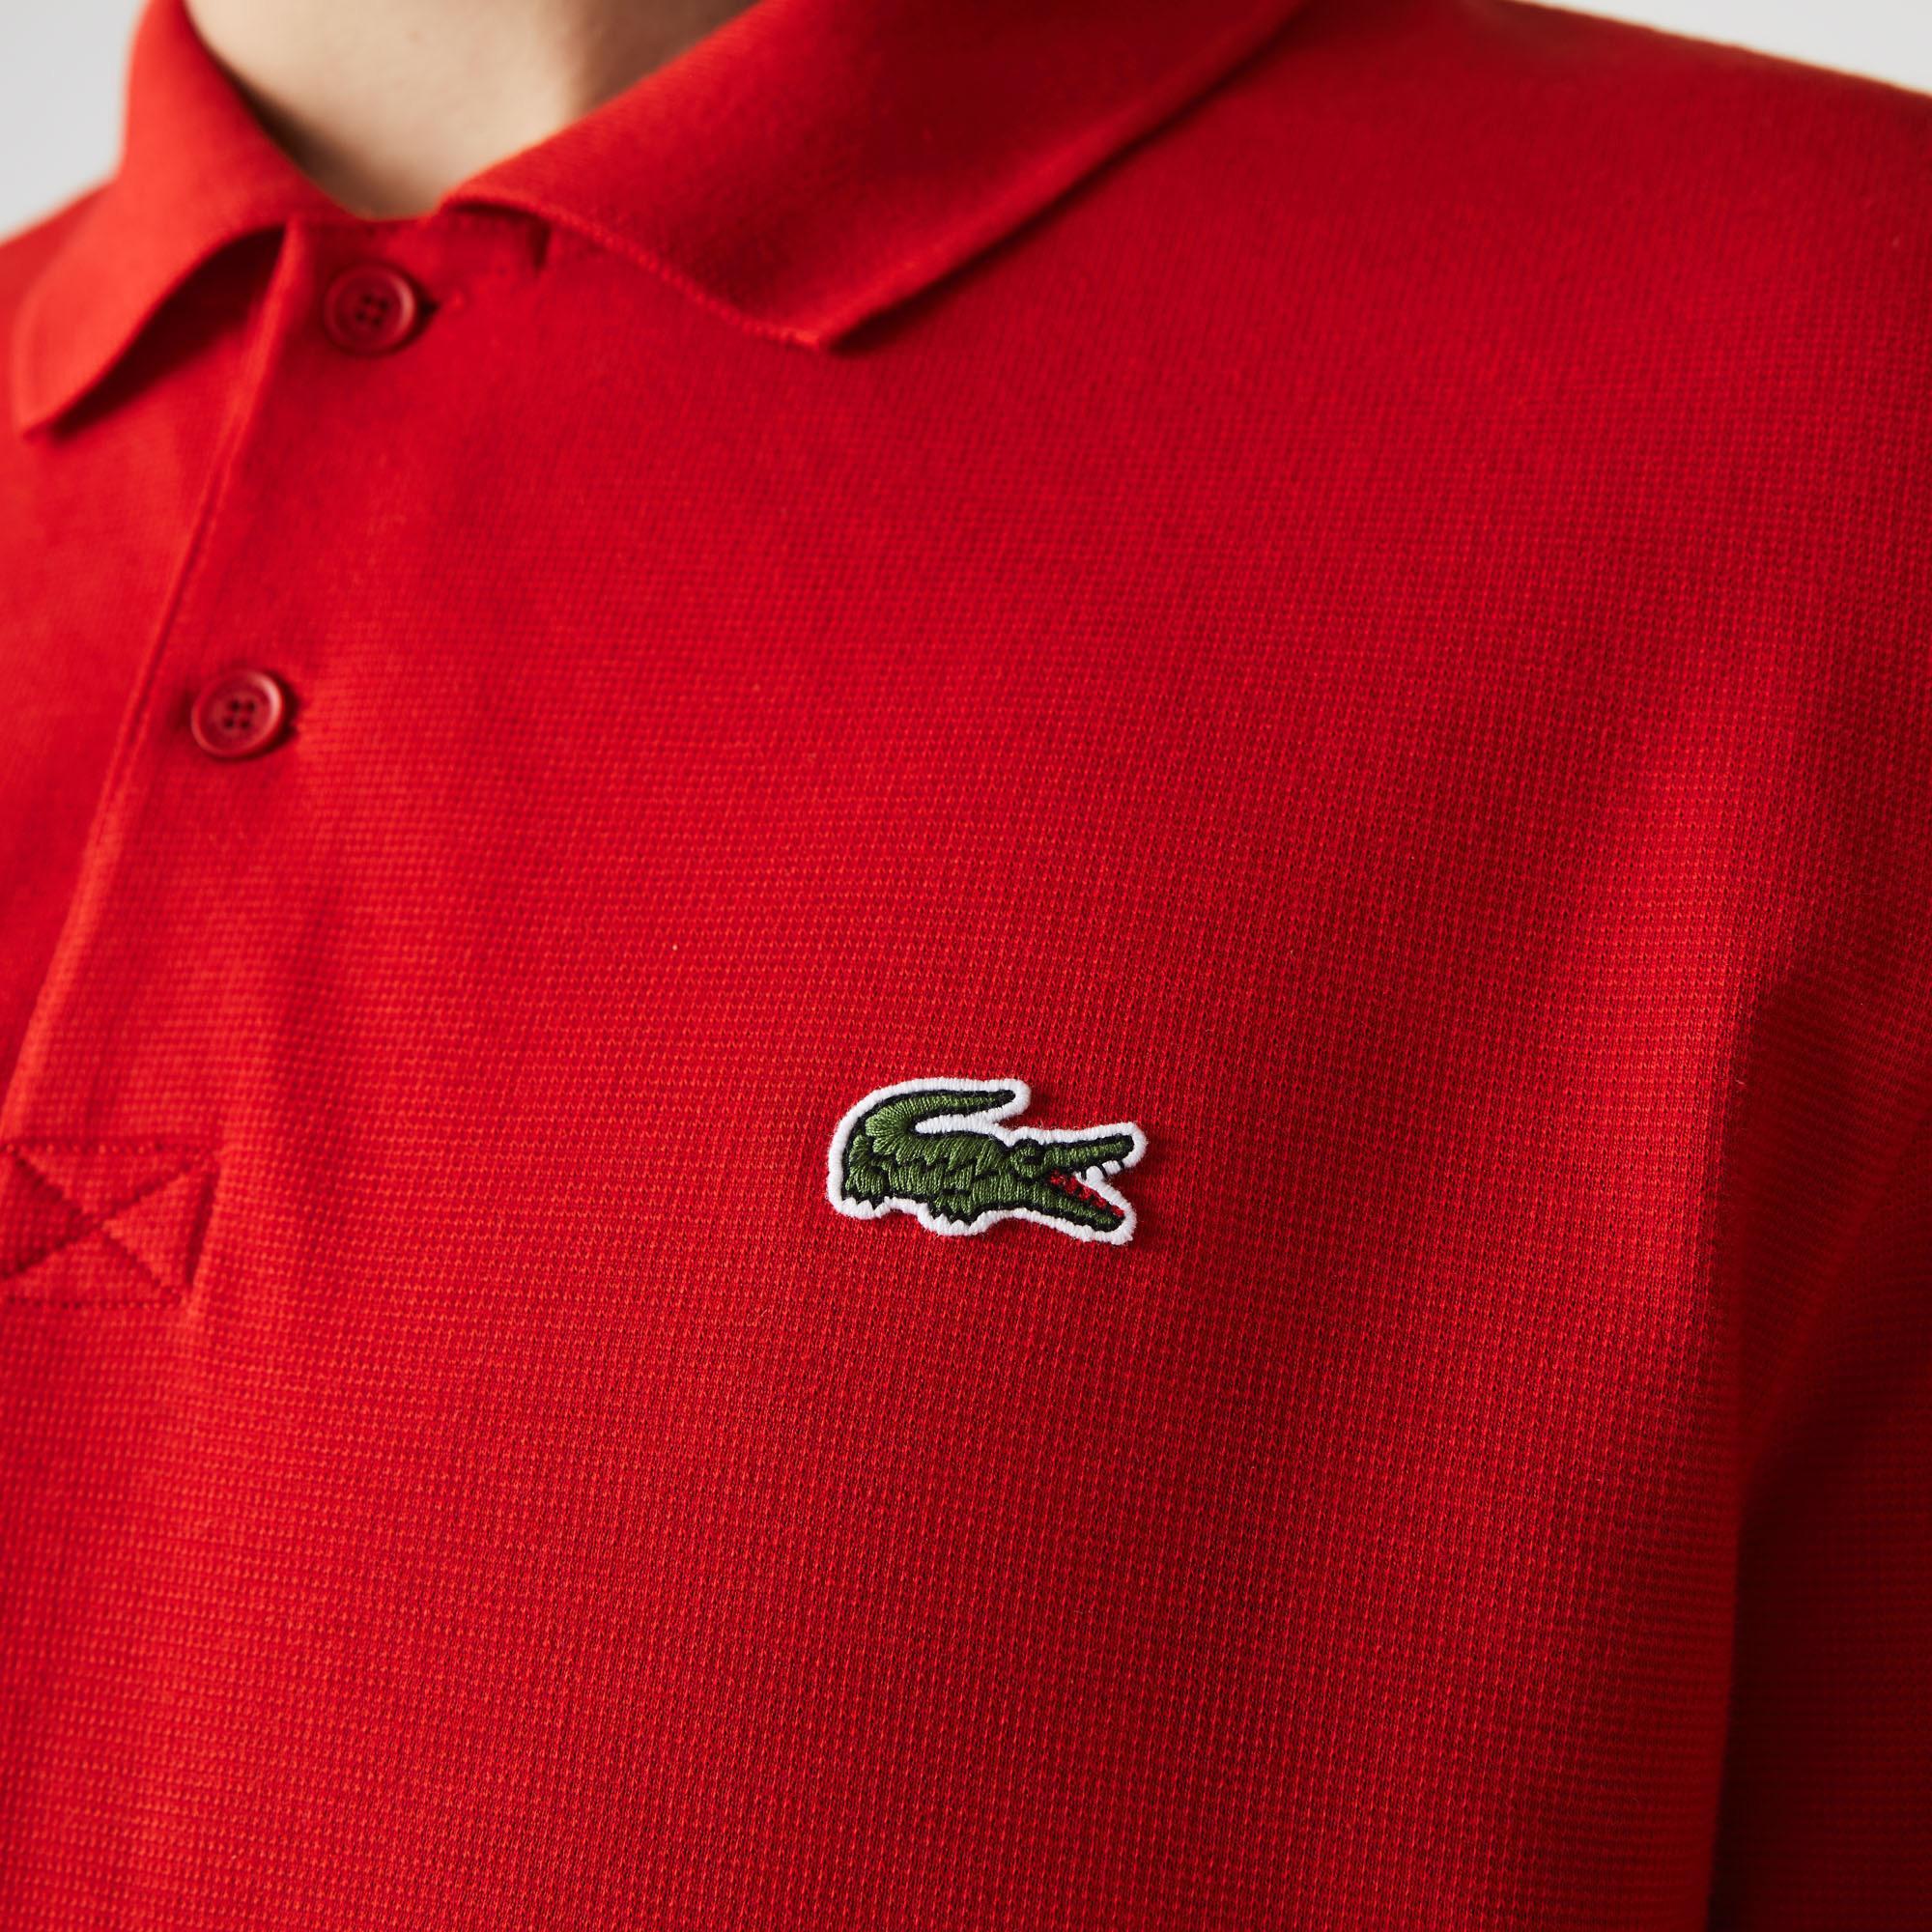 Lacoste Erkek Regular Fit Renk Bloklu Kırmızı Polo